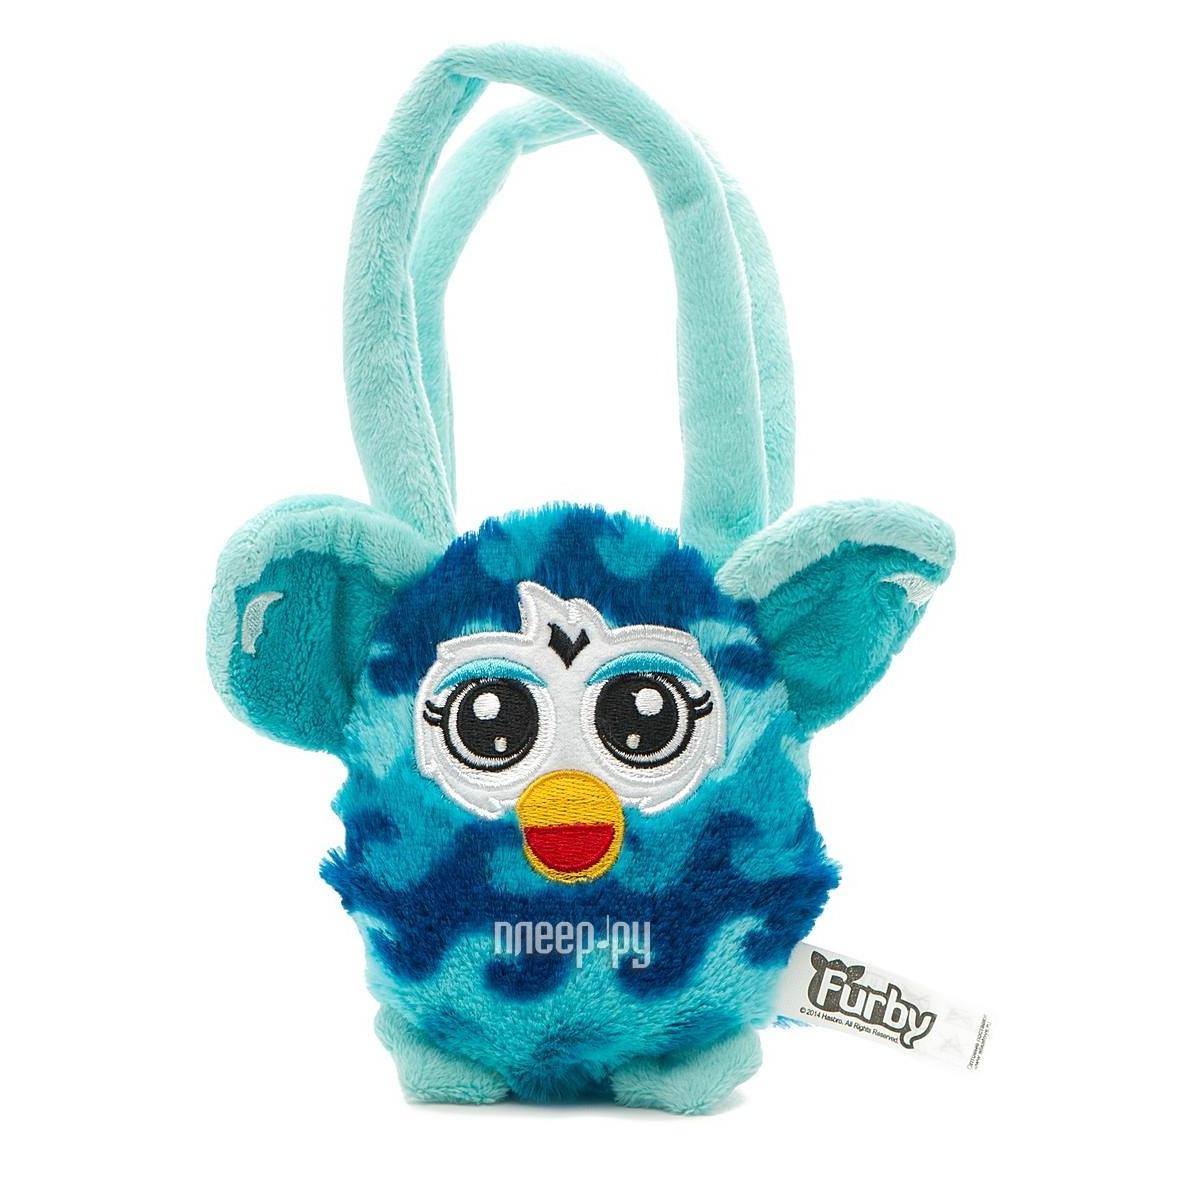 Игрушка 1Toy Сумочка Furby волна Т57556